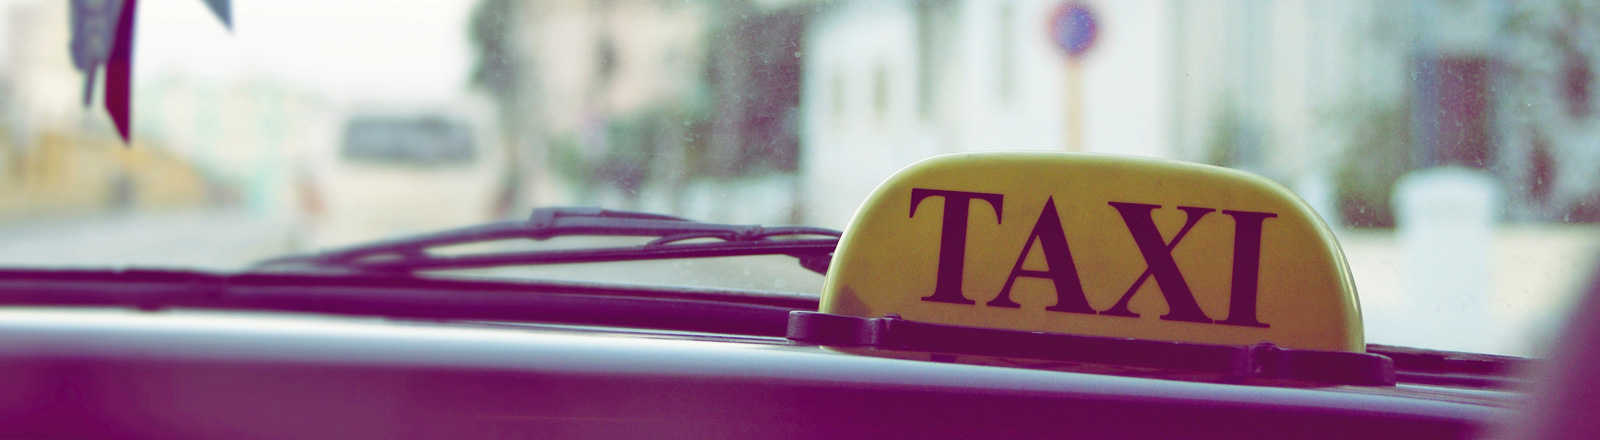 Blick durch die Frontscheibe eines Autos. Ein gelbes Schild, auf dem Taxi steht, steht im Inneren des Autos vor der Scheibe. Außen ist links verschwommen ein Haus zu sehen.